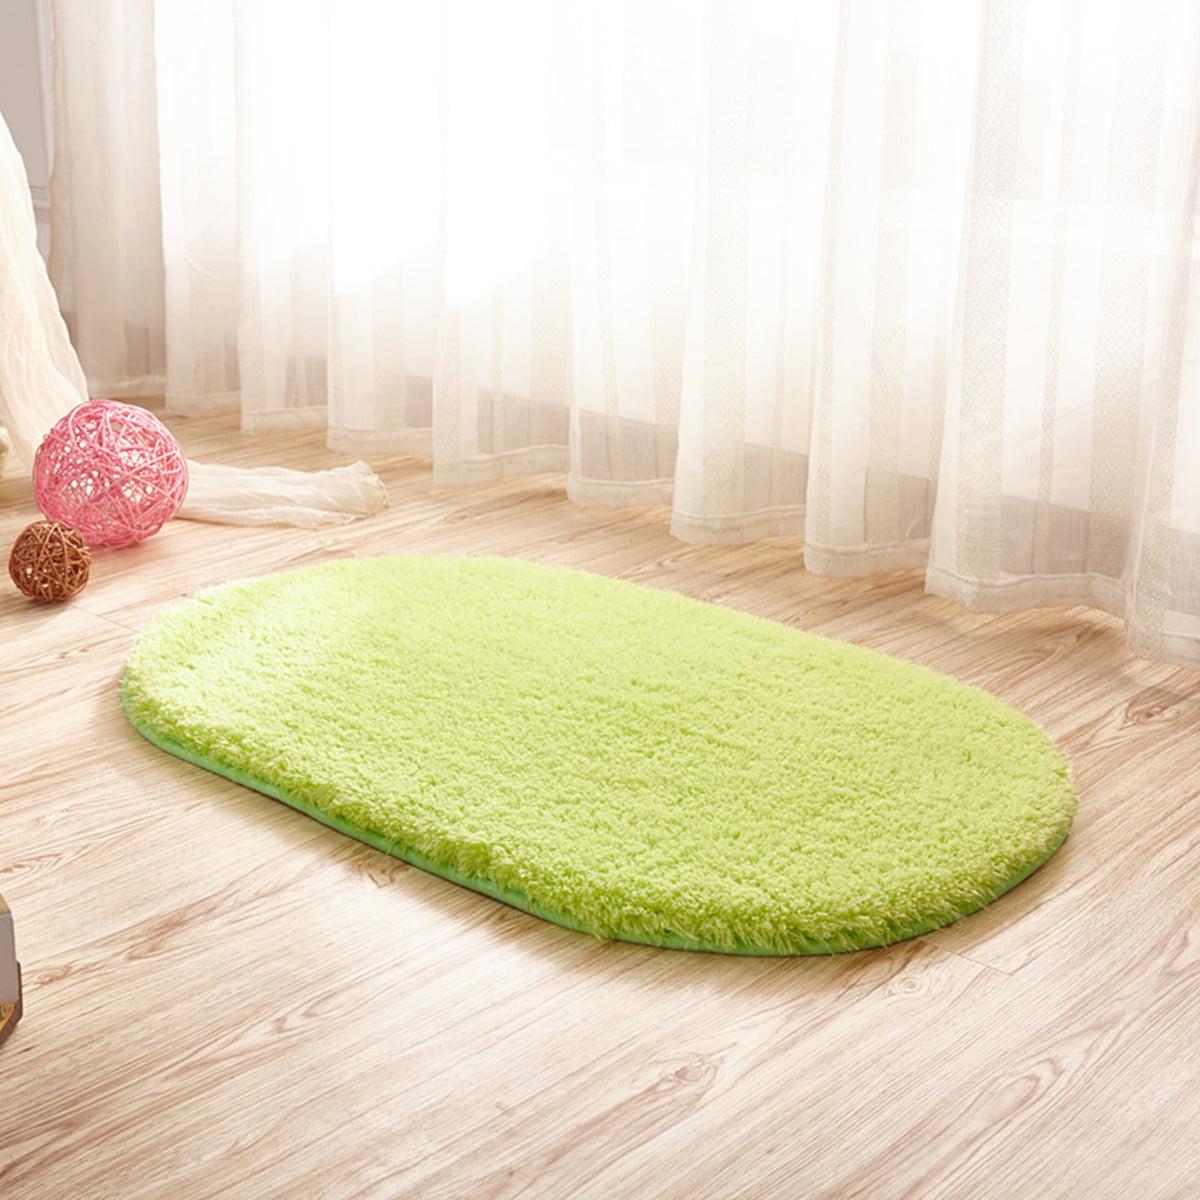 12 X20 Memory Foam Rug Bath Mat Non Slip Bathroom Mat Shower Carpet Living Room Carpet Floor